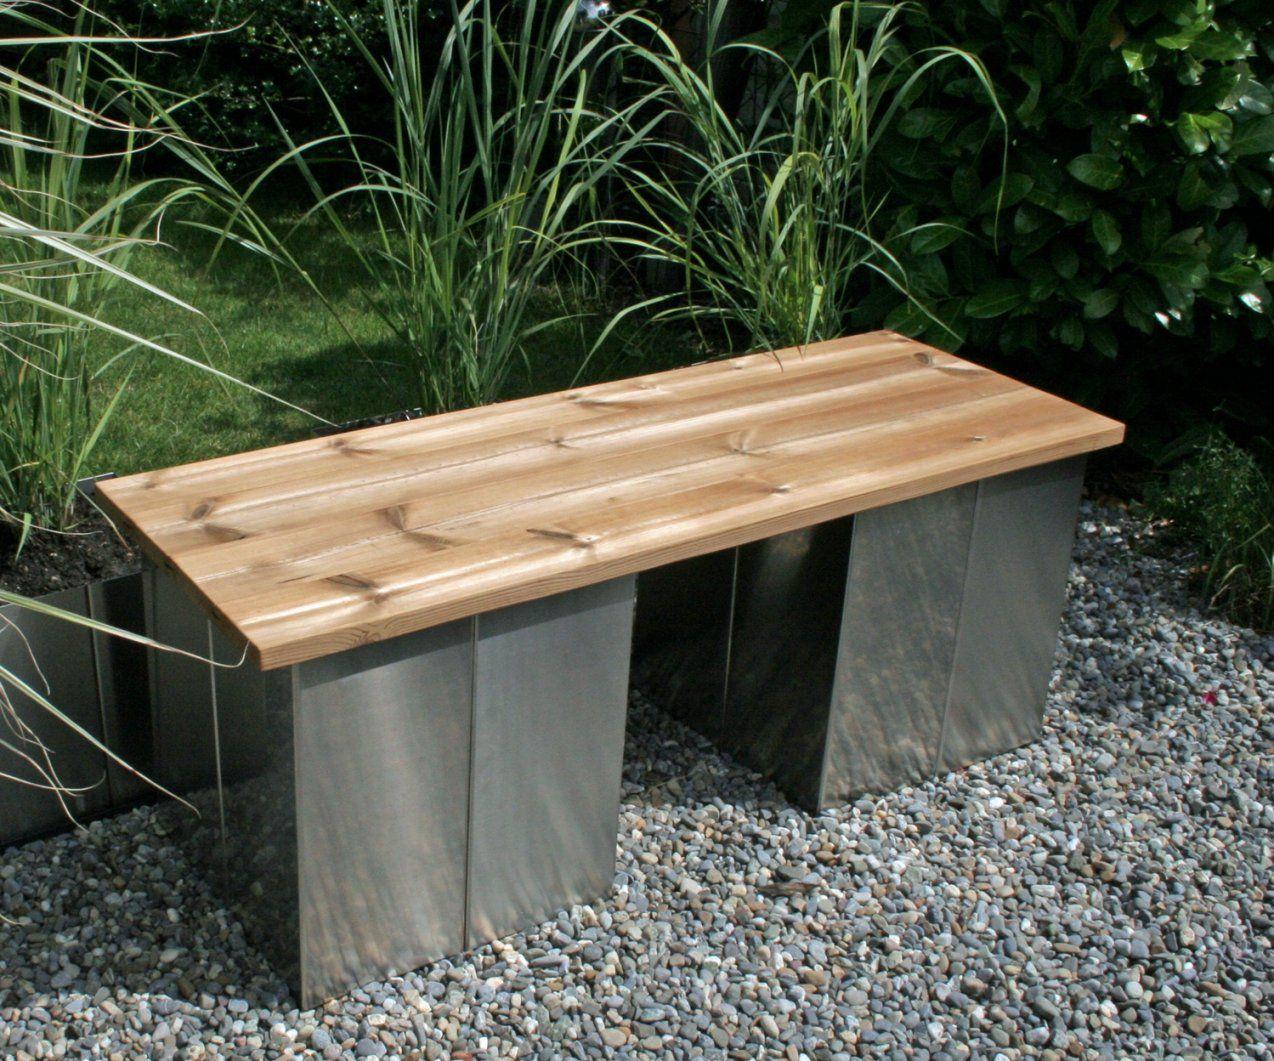 Gartenbank Selber Bauen Mit Sitzbank Aus Holz Selber Bauen 23 Und von Holz Gartenbank Selber Bauen Bild